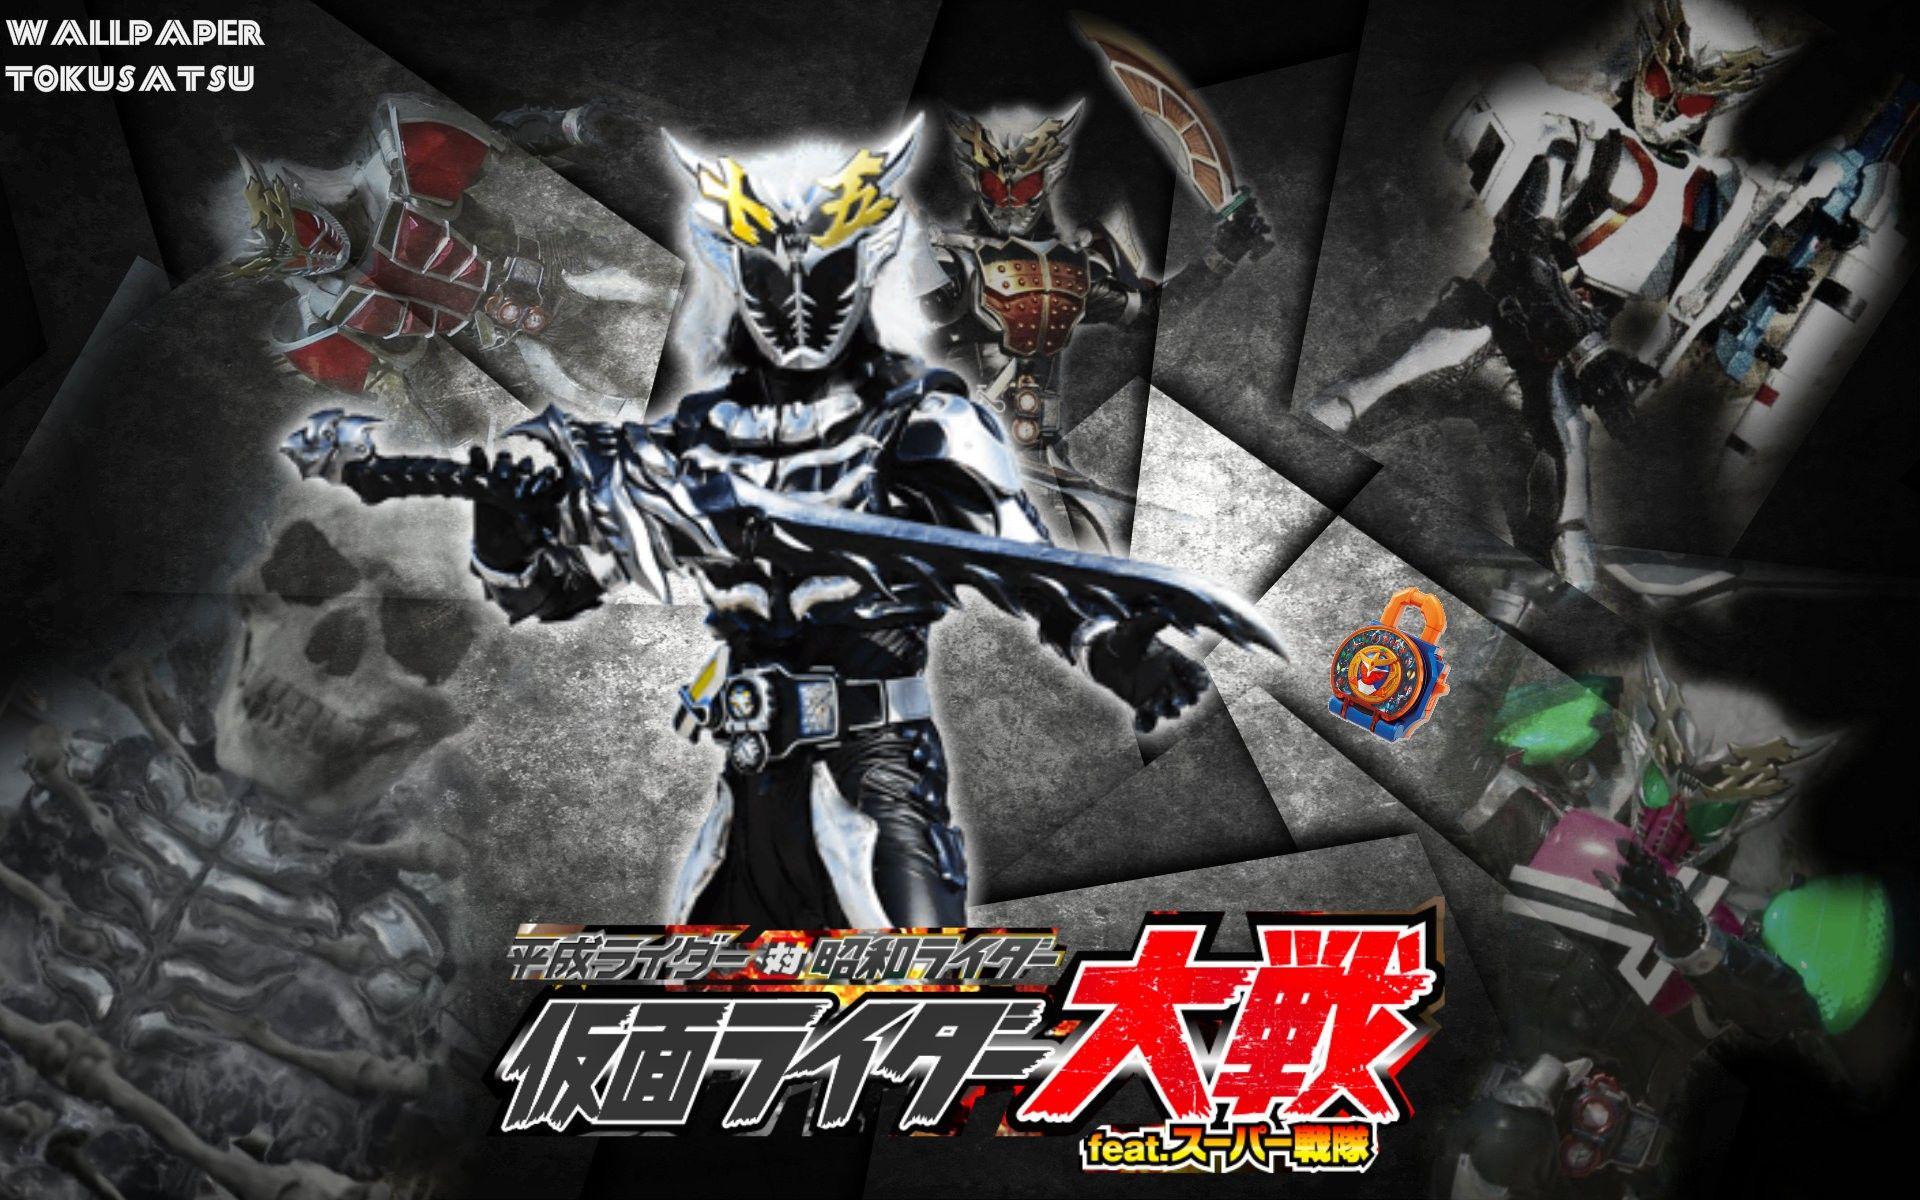 Pin by Ark Zero One on kamen rider Dark in 2020 Kamen